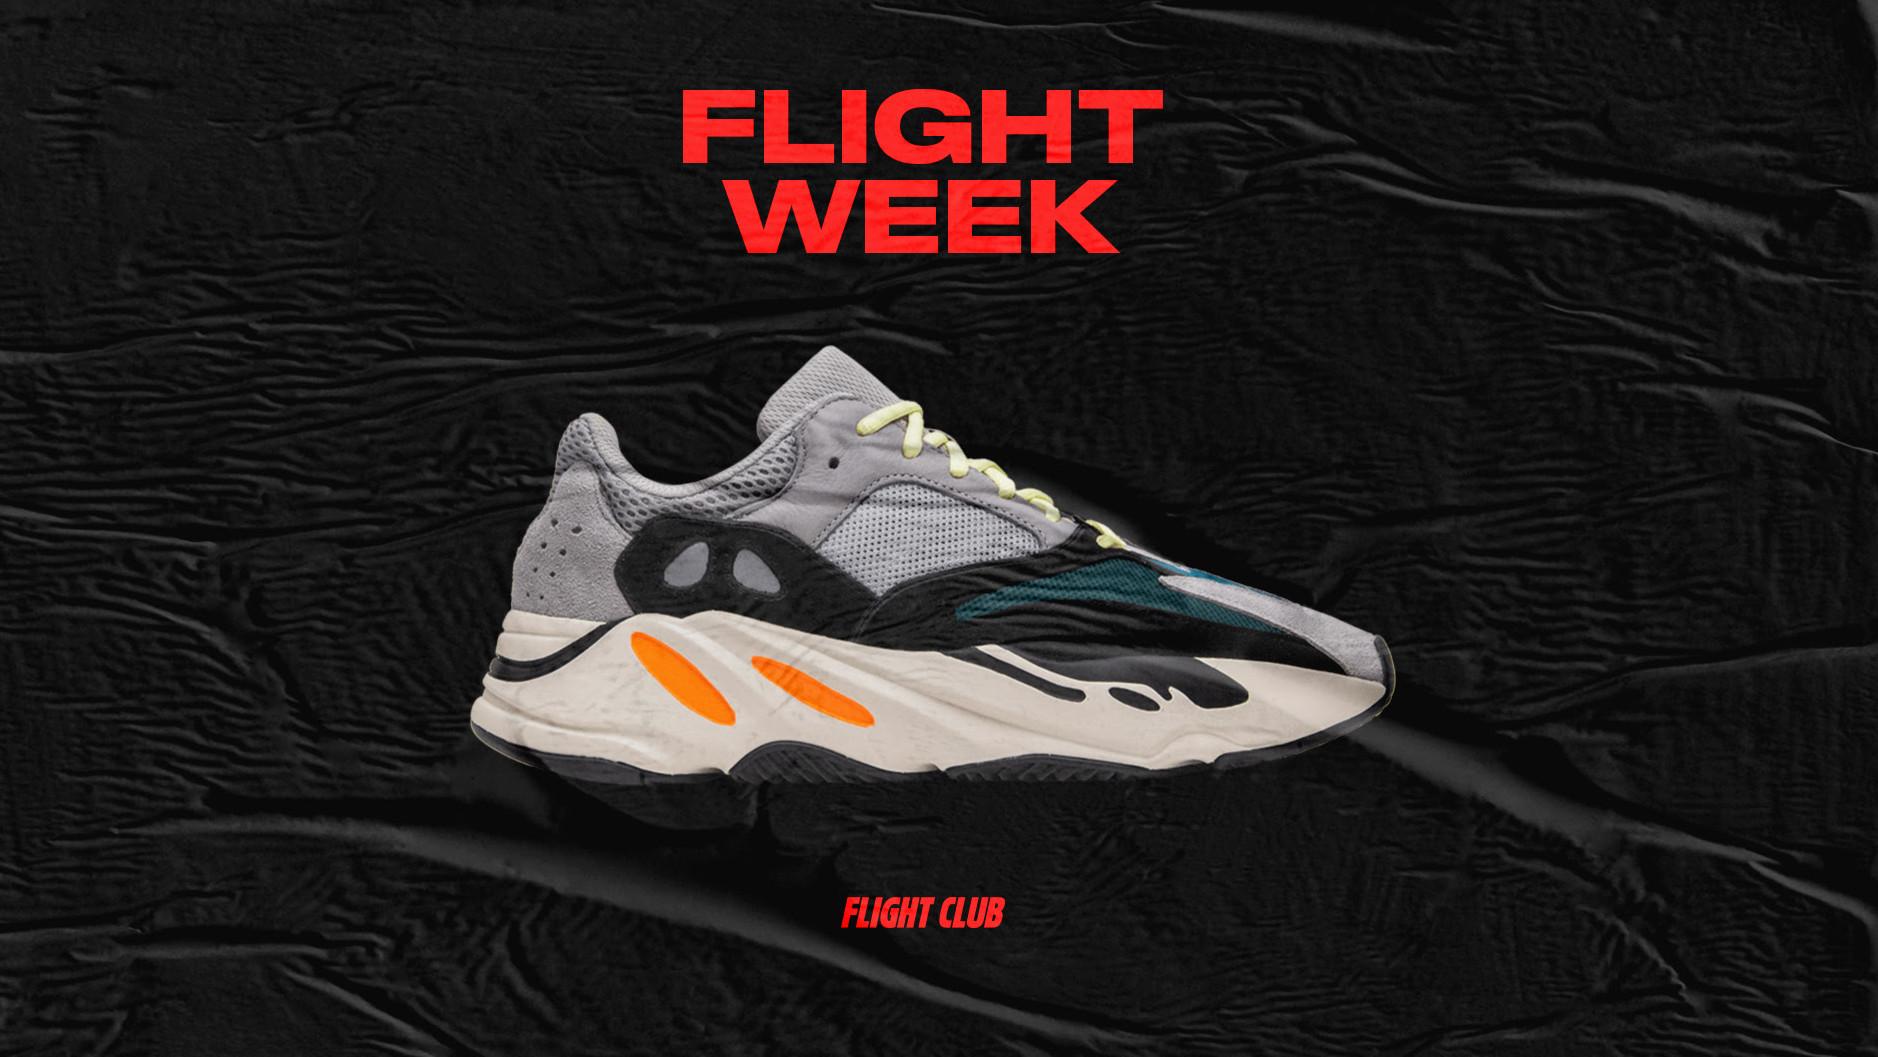 Flight Club Announces  Flight Week   f95899a42